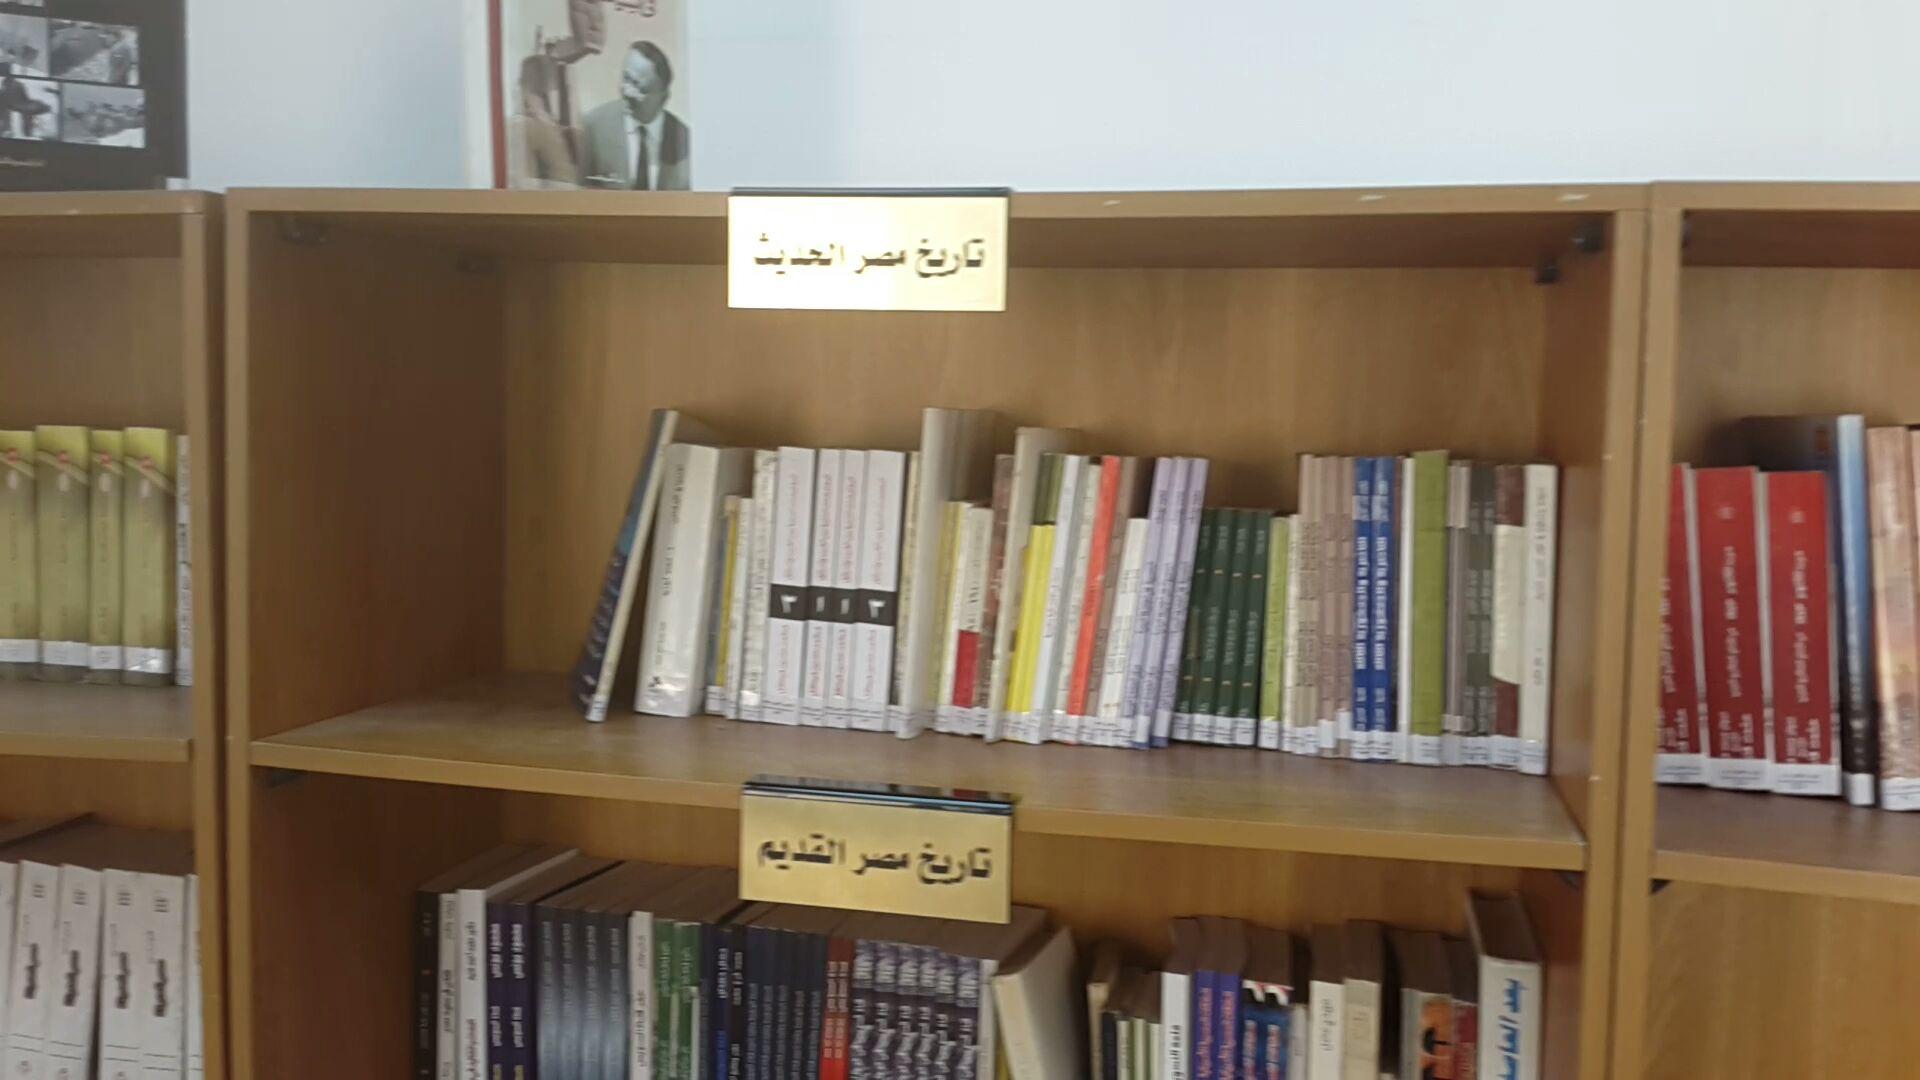 منزل الزعيم الراحل جمال عبد الناصر بالإسكندرية (8)